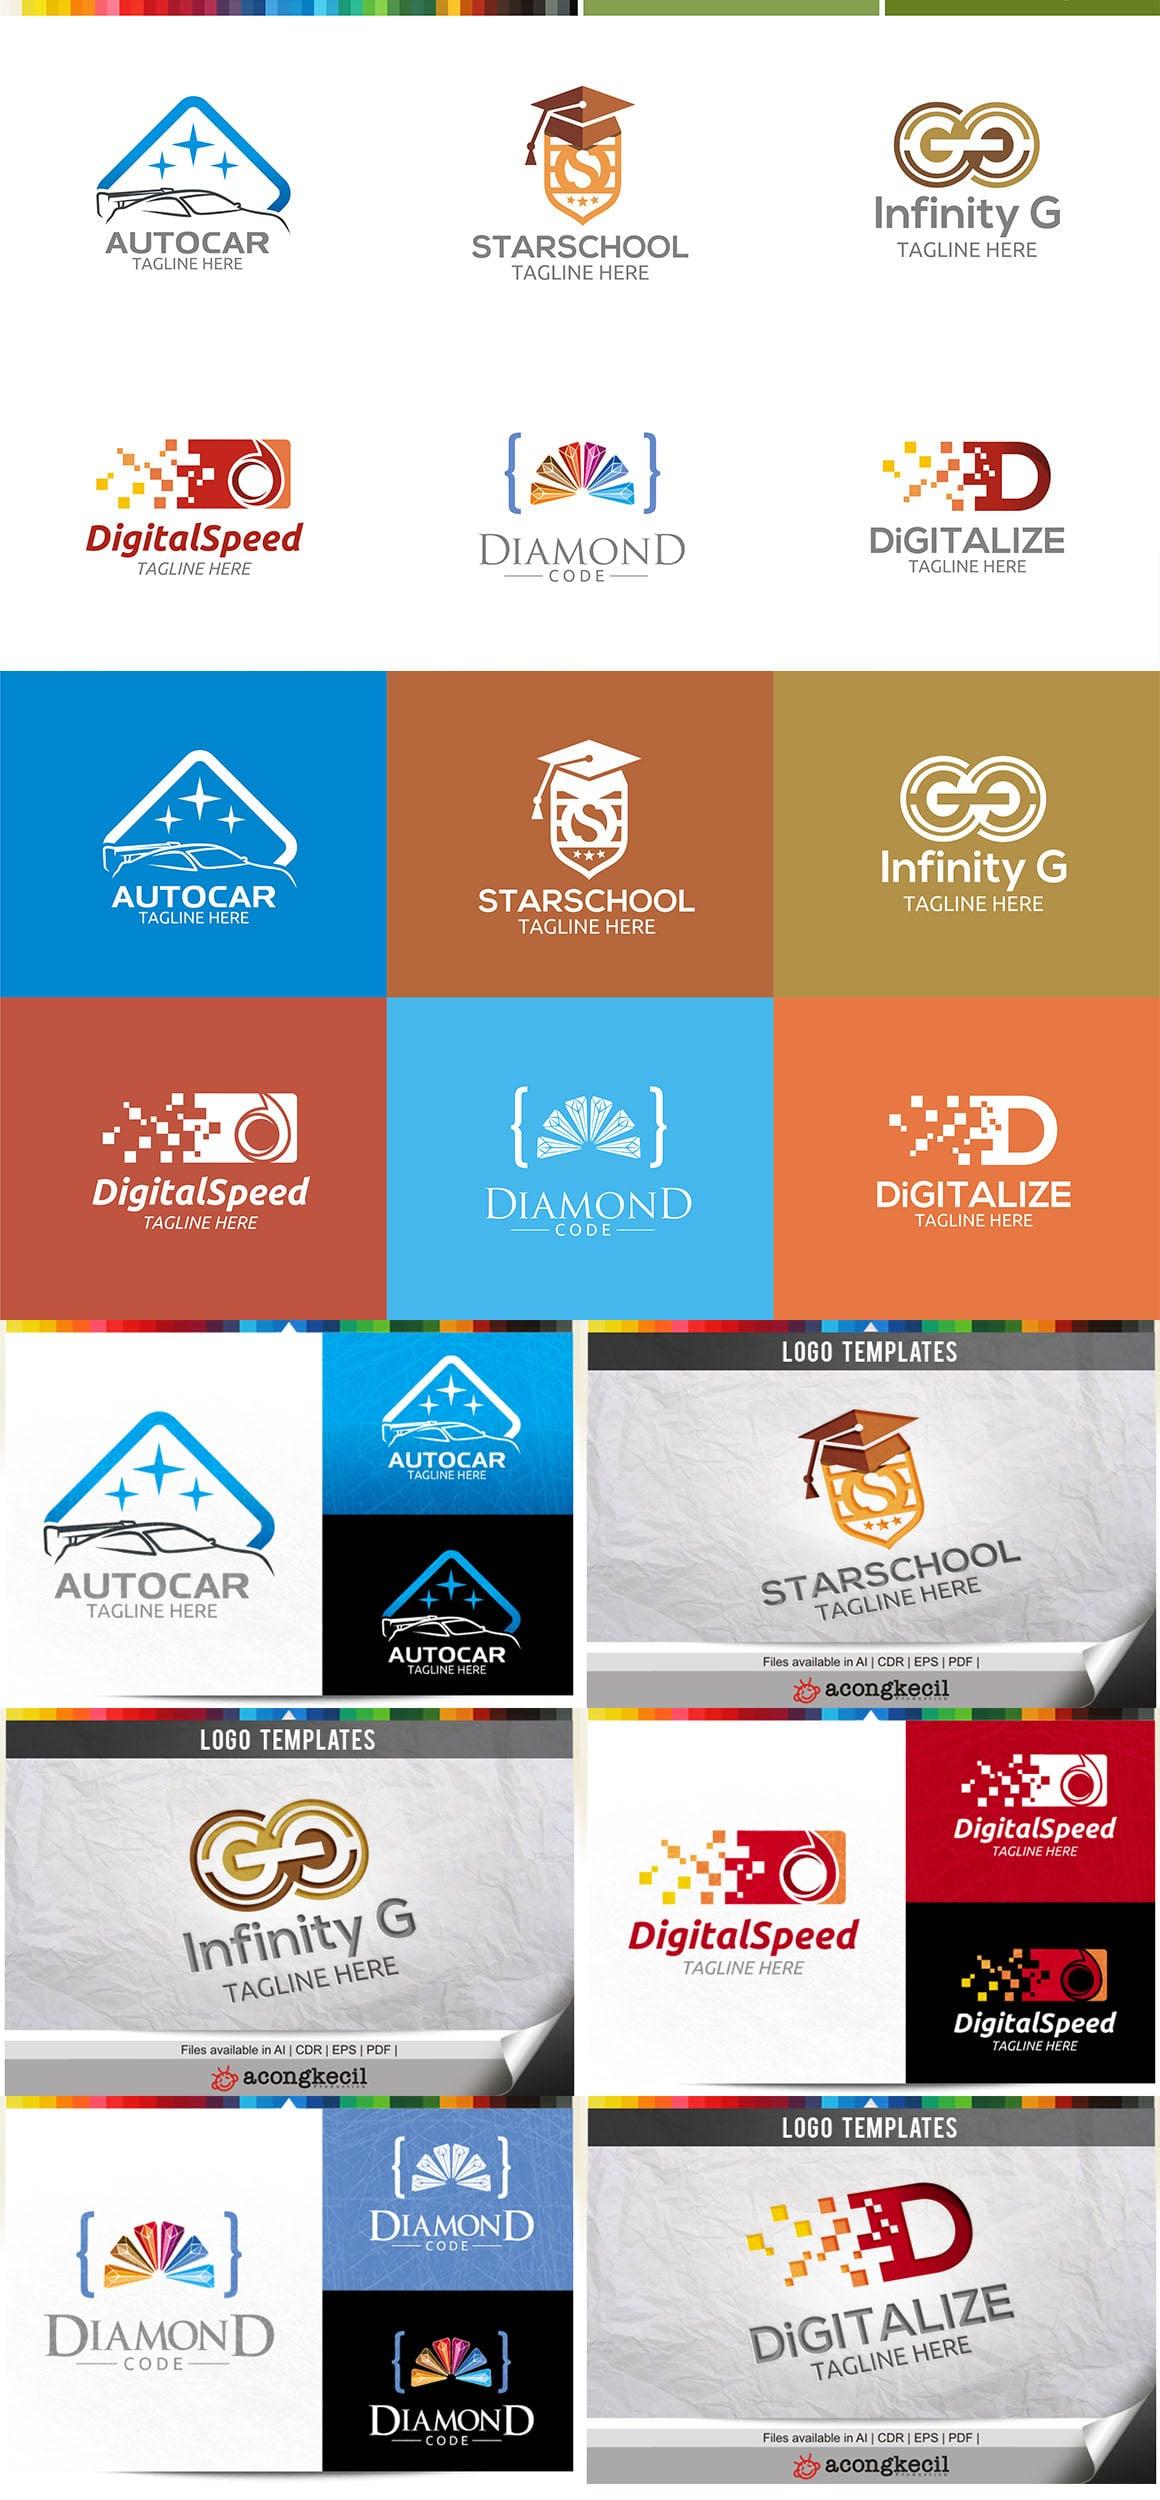 446 Business Logo Bundle - 99%+ OFF - Bundle 18 Preview5a